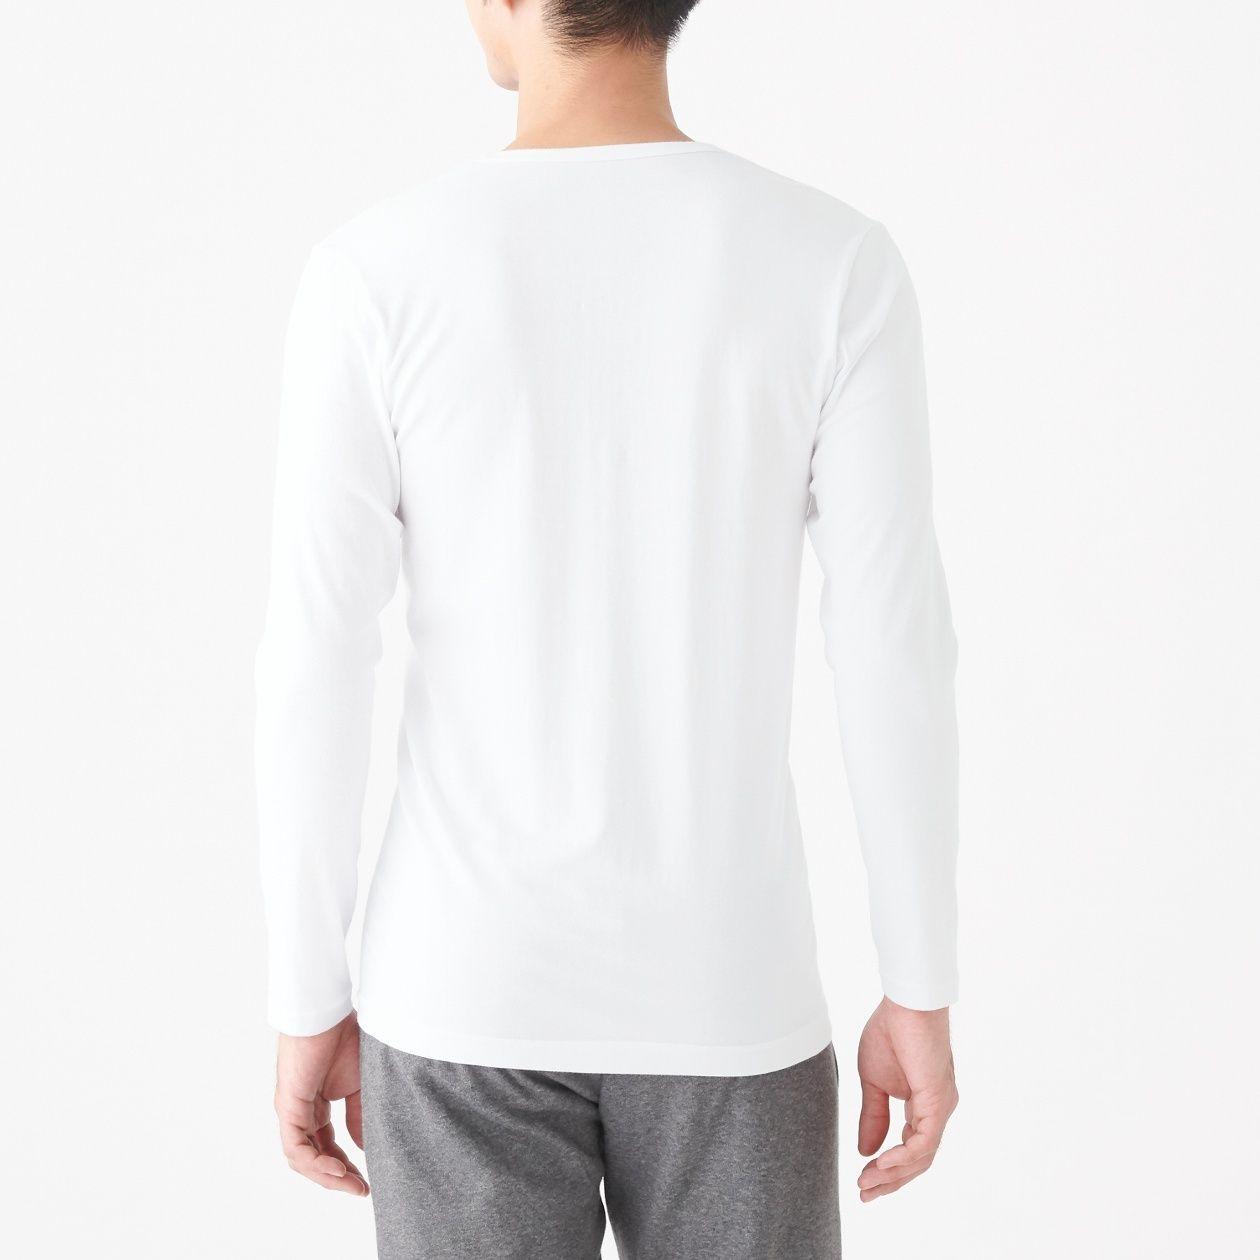 綿であったかVネック長袖Tシャツカラー写真01